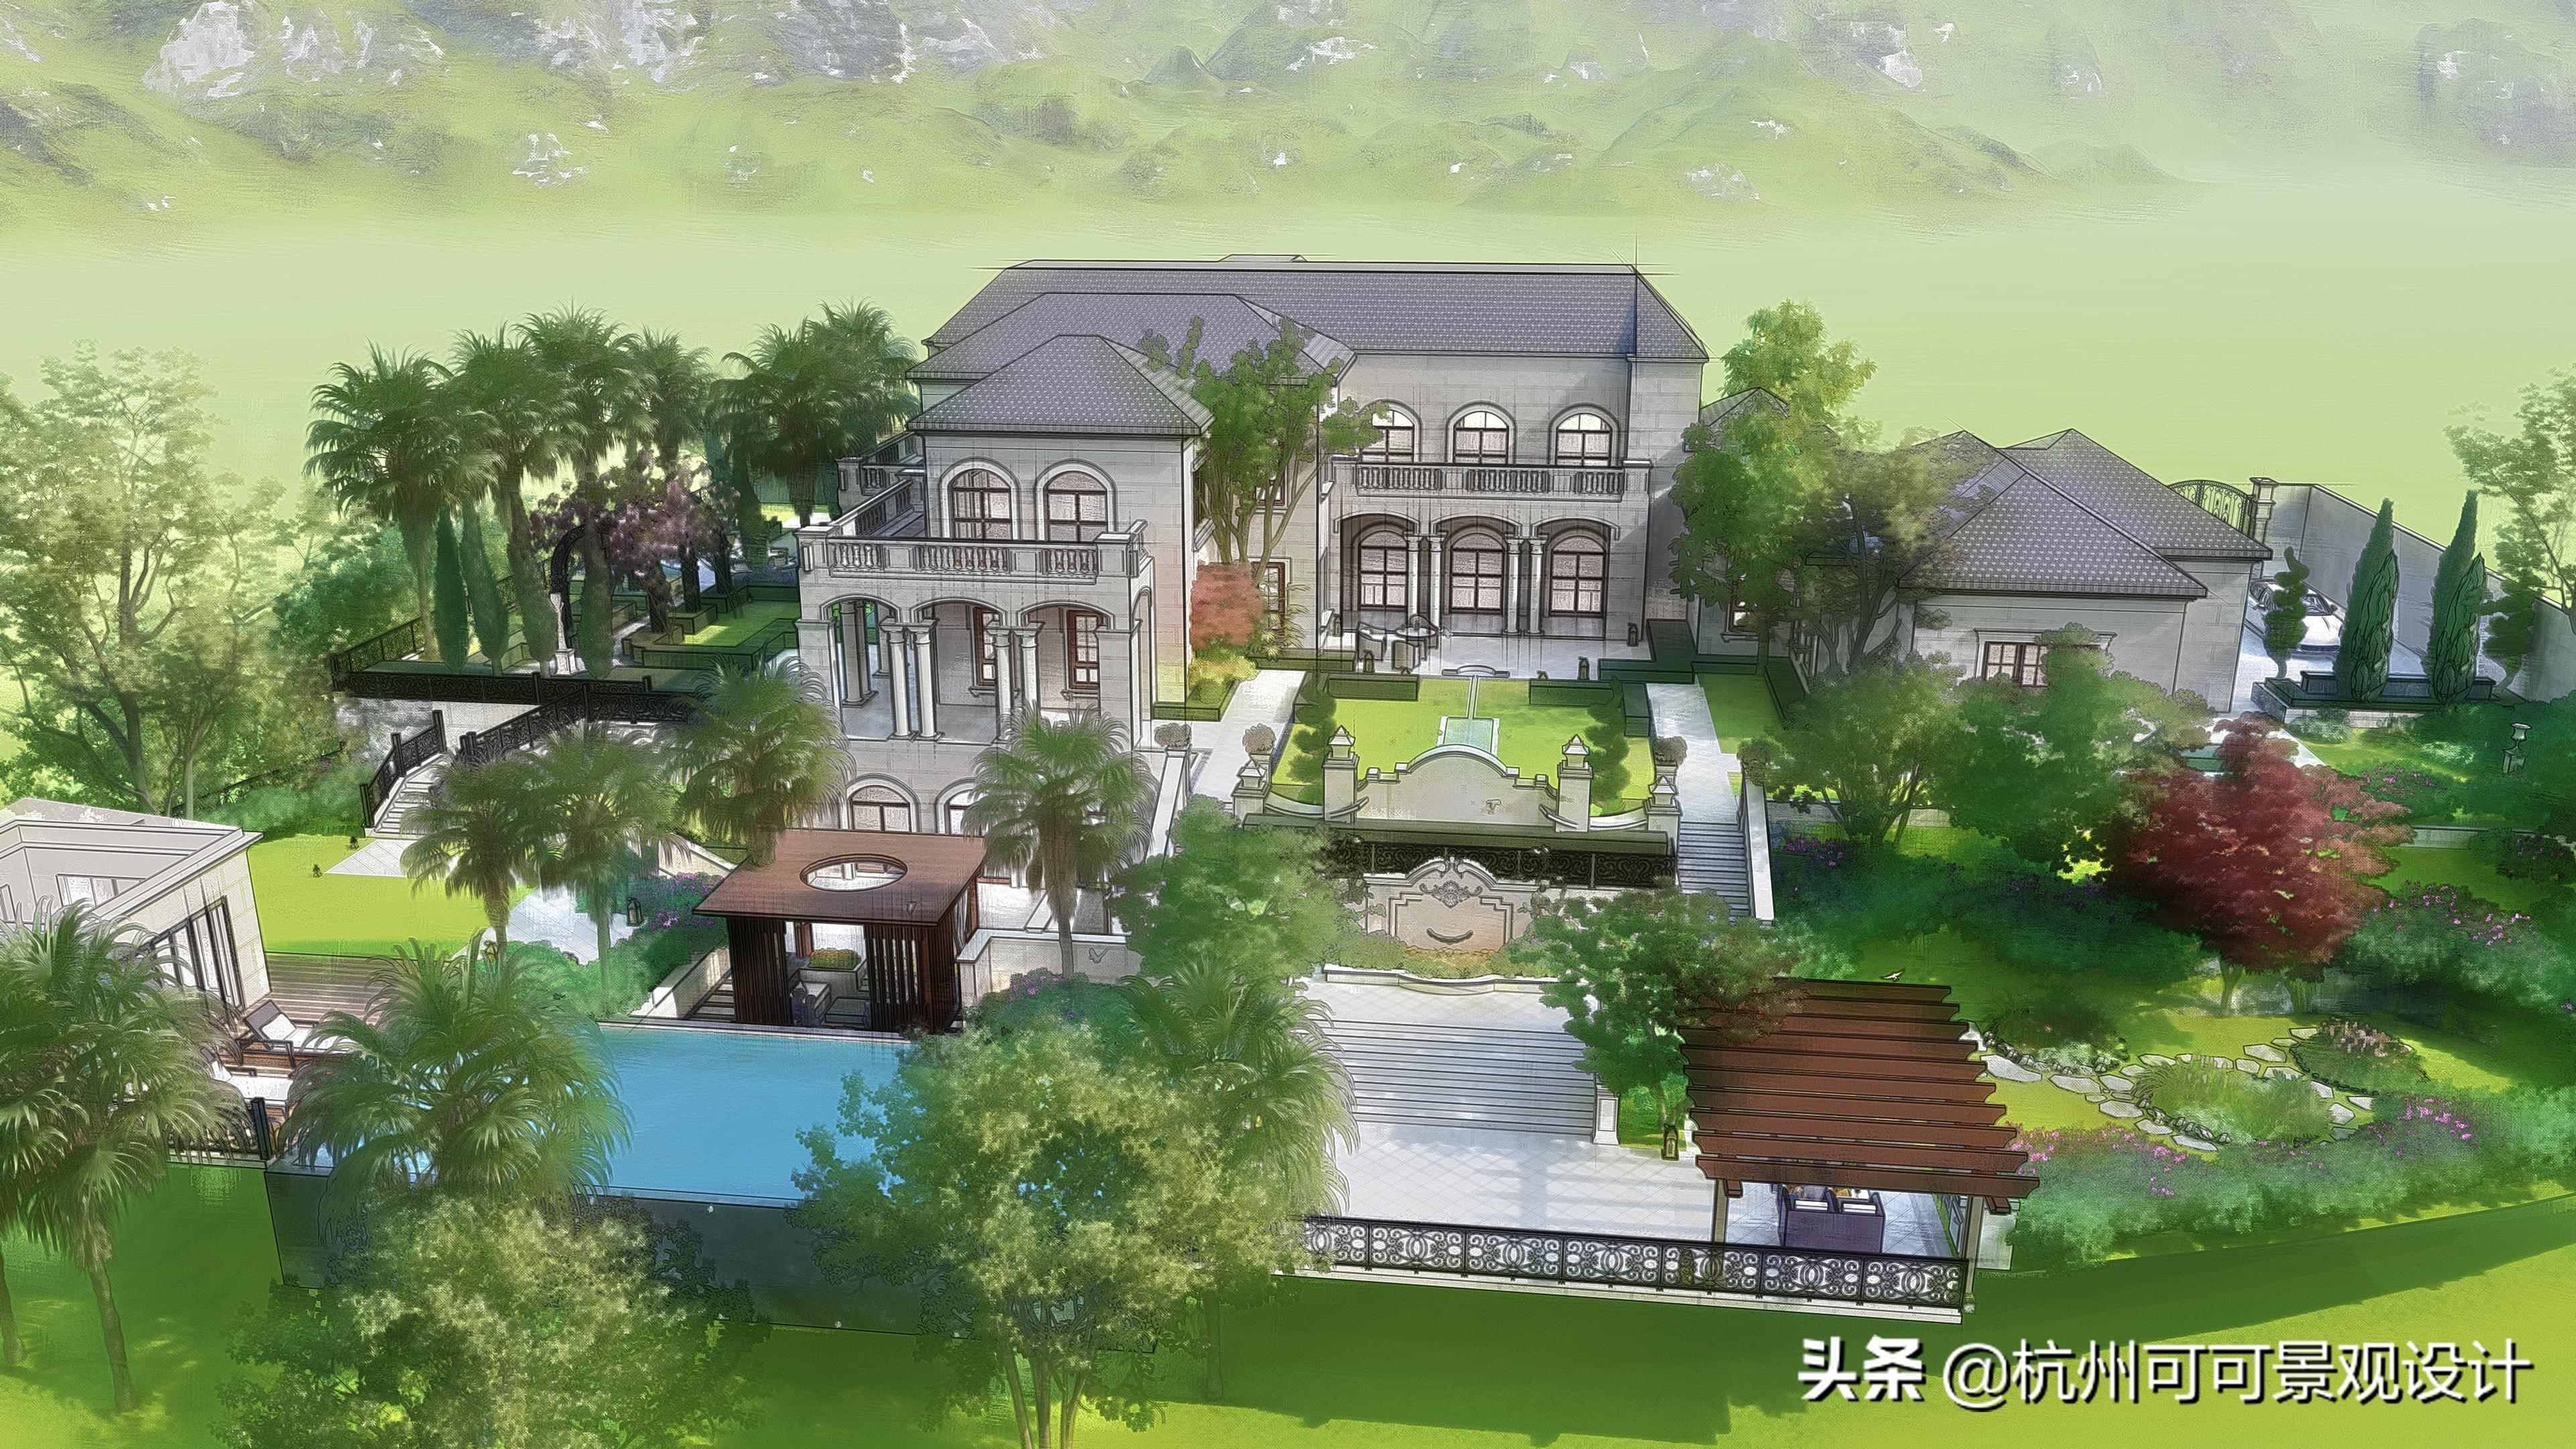 如何设计出精美的PPT时间轴?杭州别墅花园设计:3步打造精致的花园景观,这样的生活无限美好